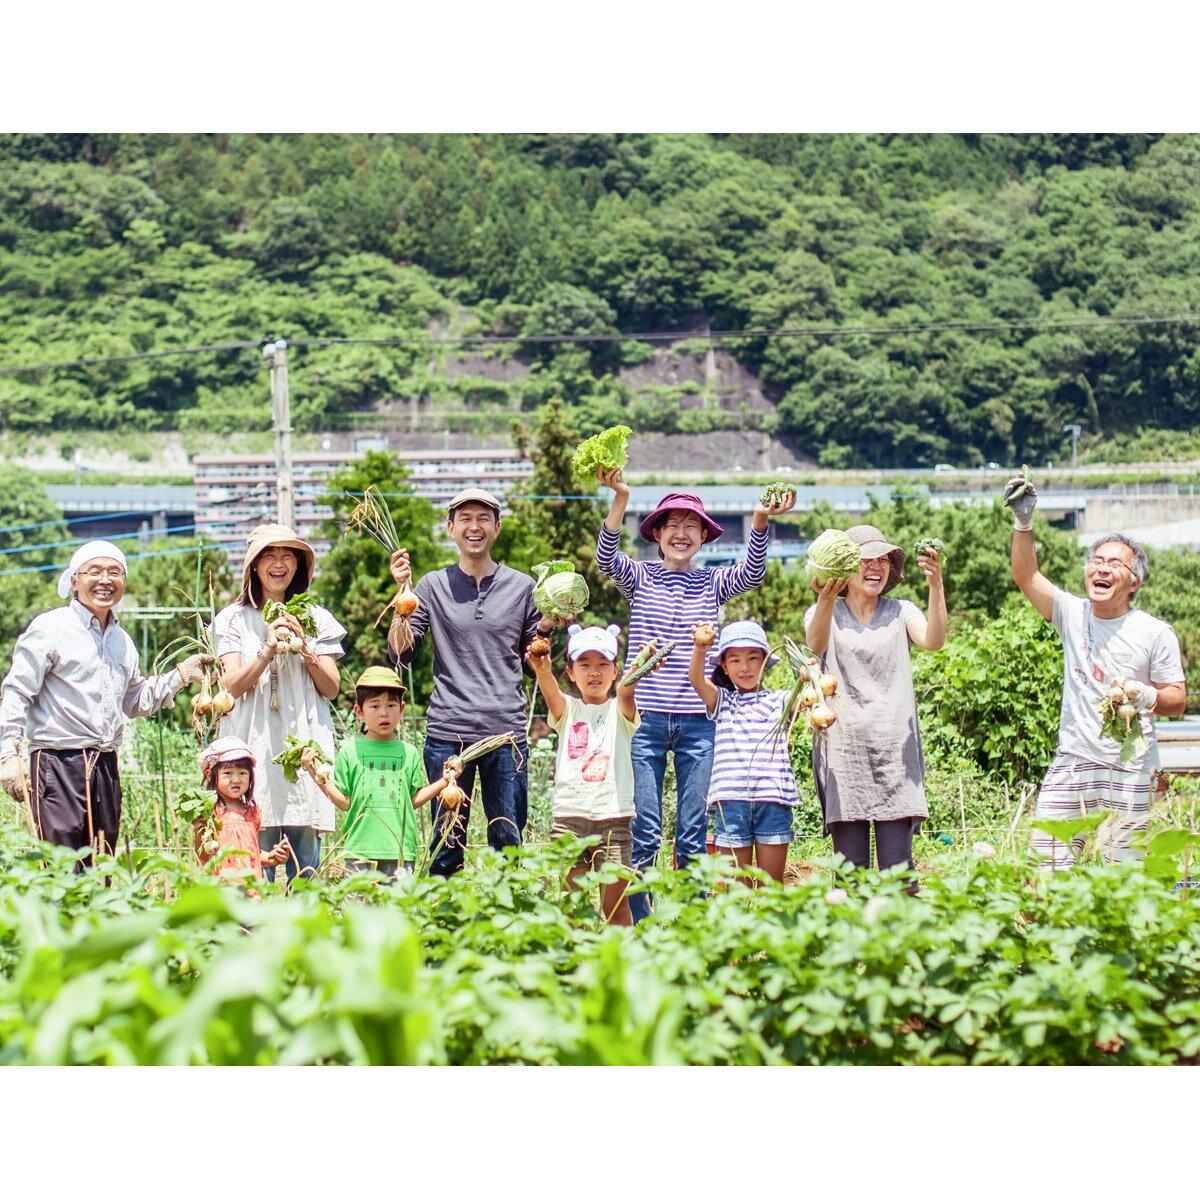 【ふるさと納税】藤野里山体験ツアーペアチケット☆...の商品画像